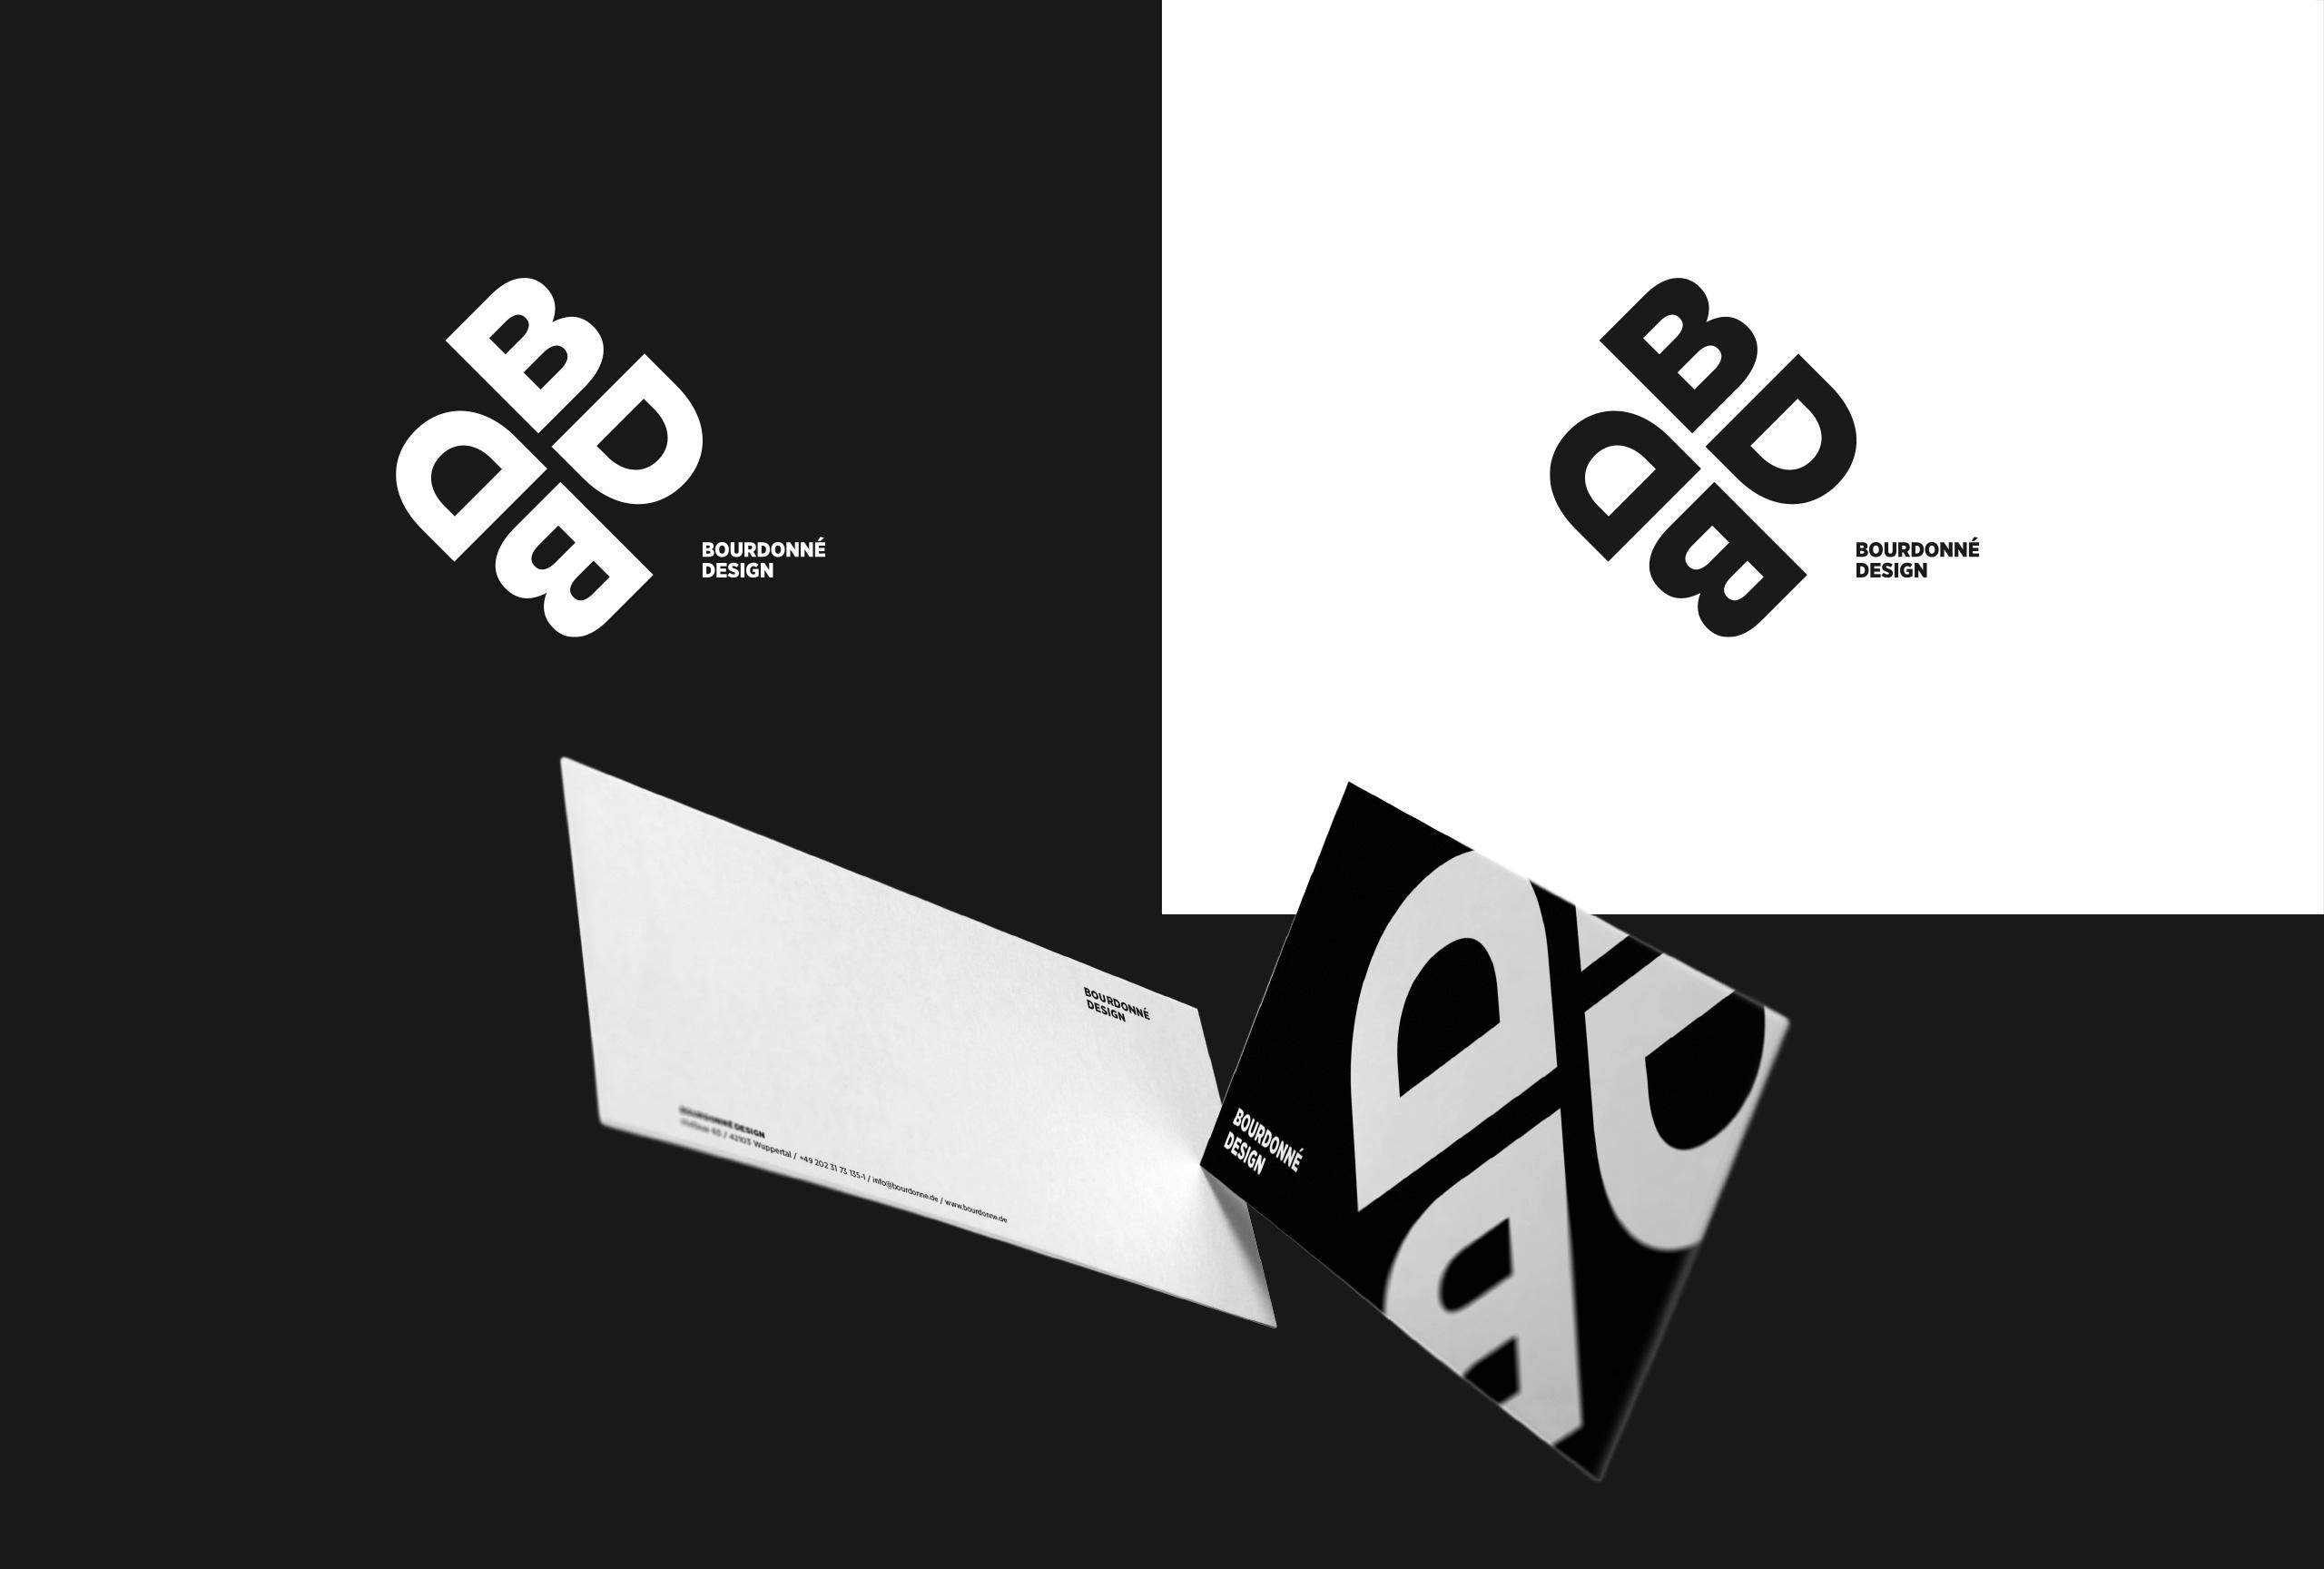 Bourdonné Design Corporate Design Geschäftsausstattung Logo